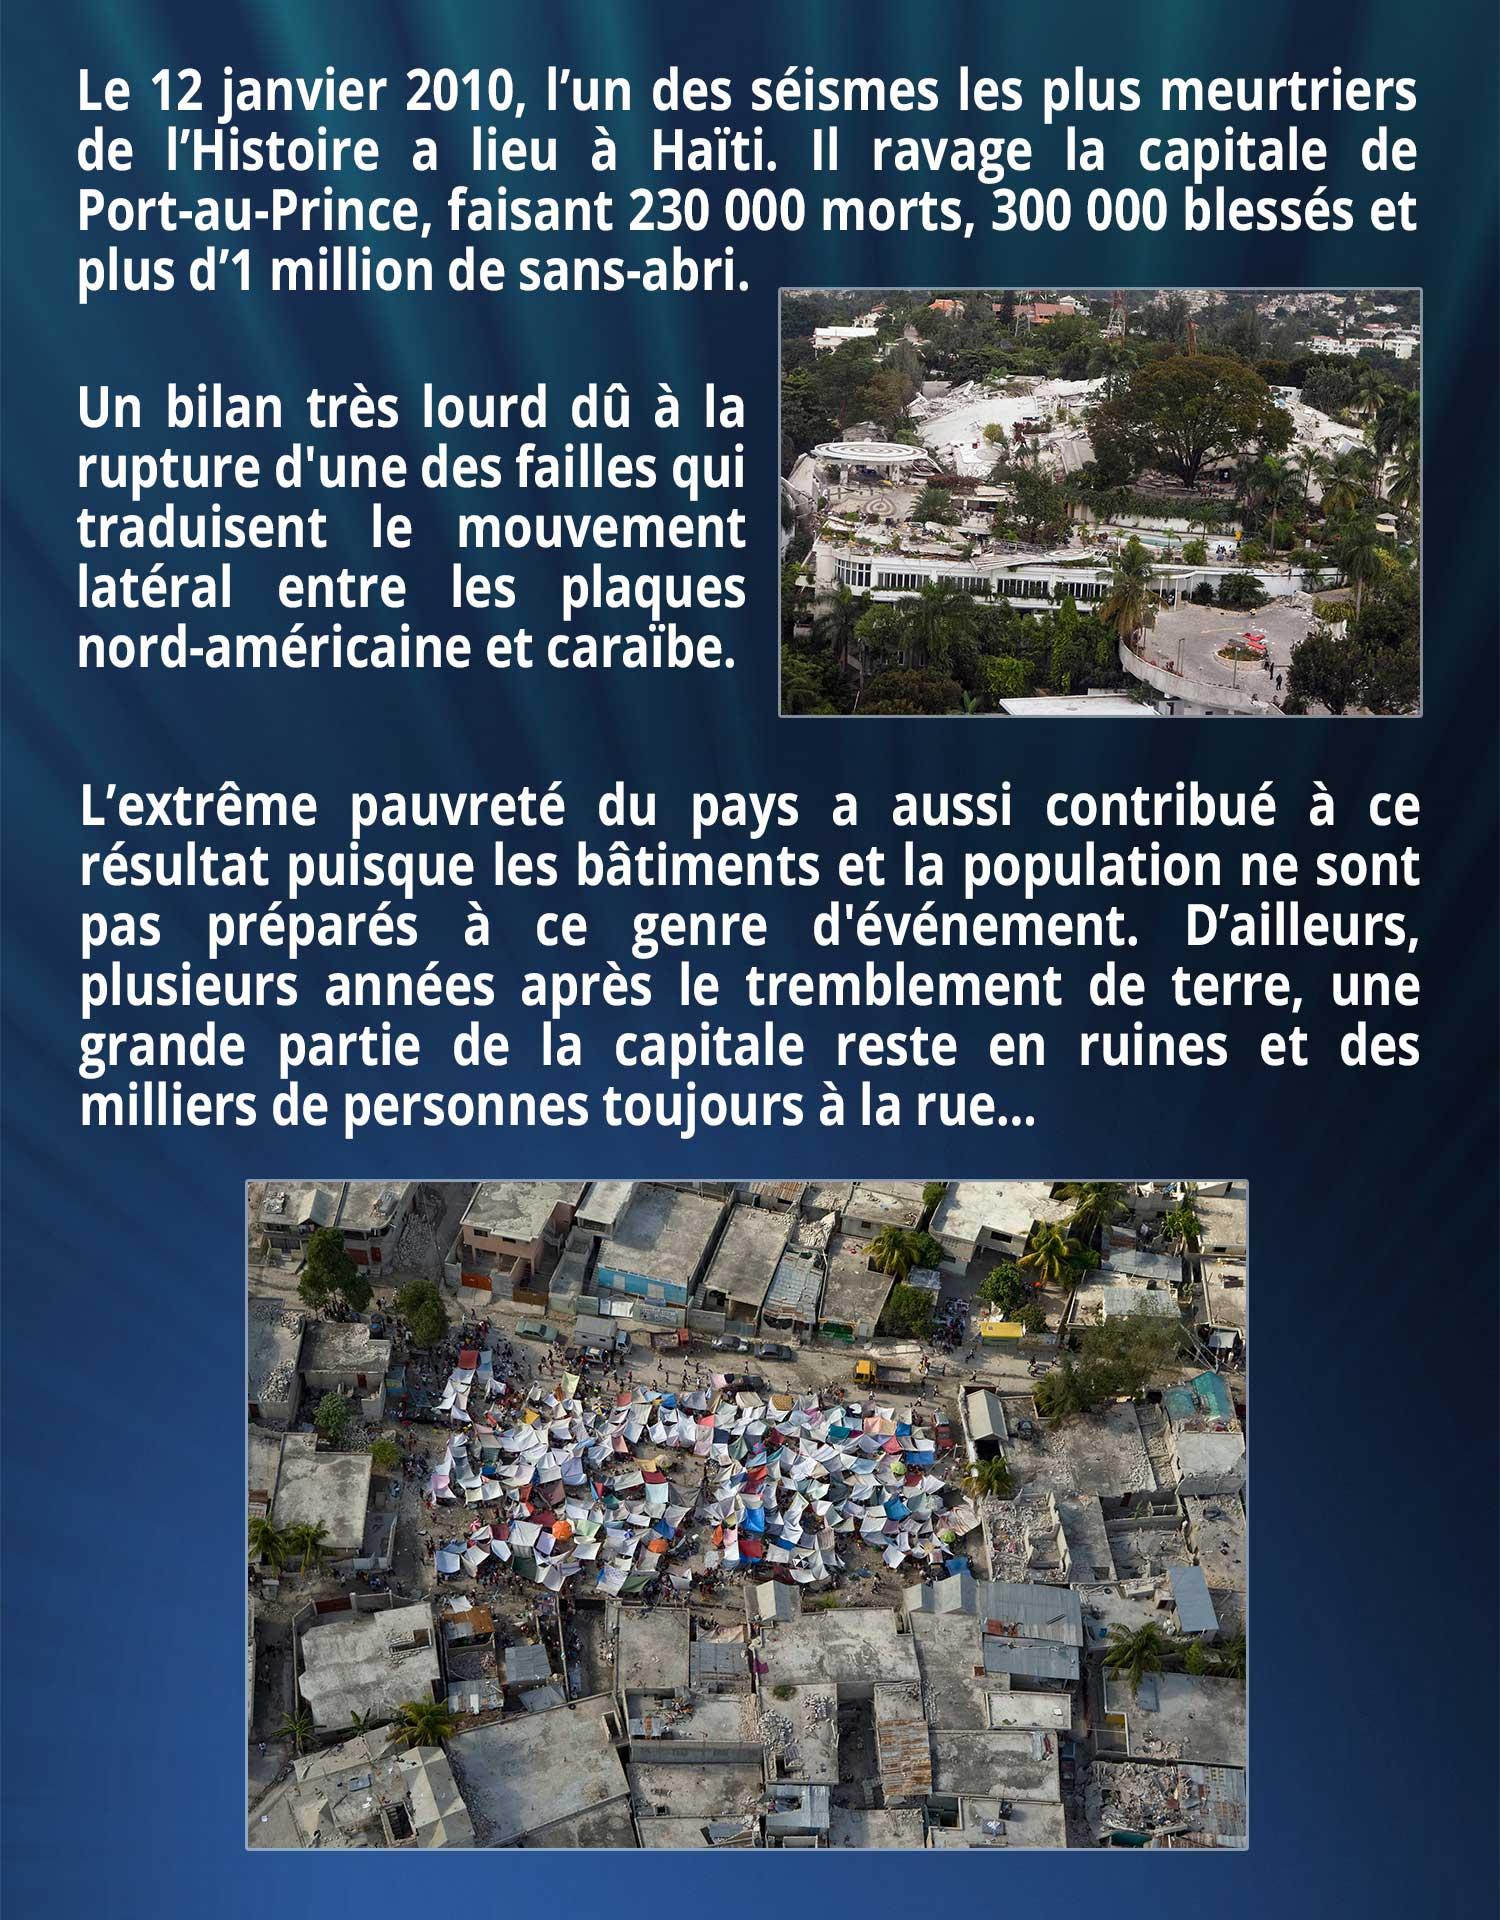 Le 12 janvier 2010, l'un des séismes les plus meurtriers de l'Histoire a lieu à Haïti. Il ravage la capitale de Port-au-Prince, faisant 230 000 morts, 300 000 blessés et plus d'1 million de sans-abri. Un bilan très lourd dû à la rupture d'une des failles qui traduisent le mouvement latéral entre les plaques nord-américaine et caraïbe. L'extrême pauvreté du pays a aussi contribué à ce résultat puisque les bâtiments et la population ne sont pas préparés à ce genre d'événement. D'ailleurs, plusieurs années après le tremblement de terre, une grande partie de la capitale reste en ruines et des milliers de personnes toujours à la rue…